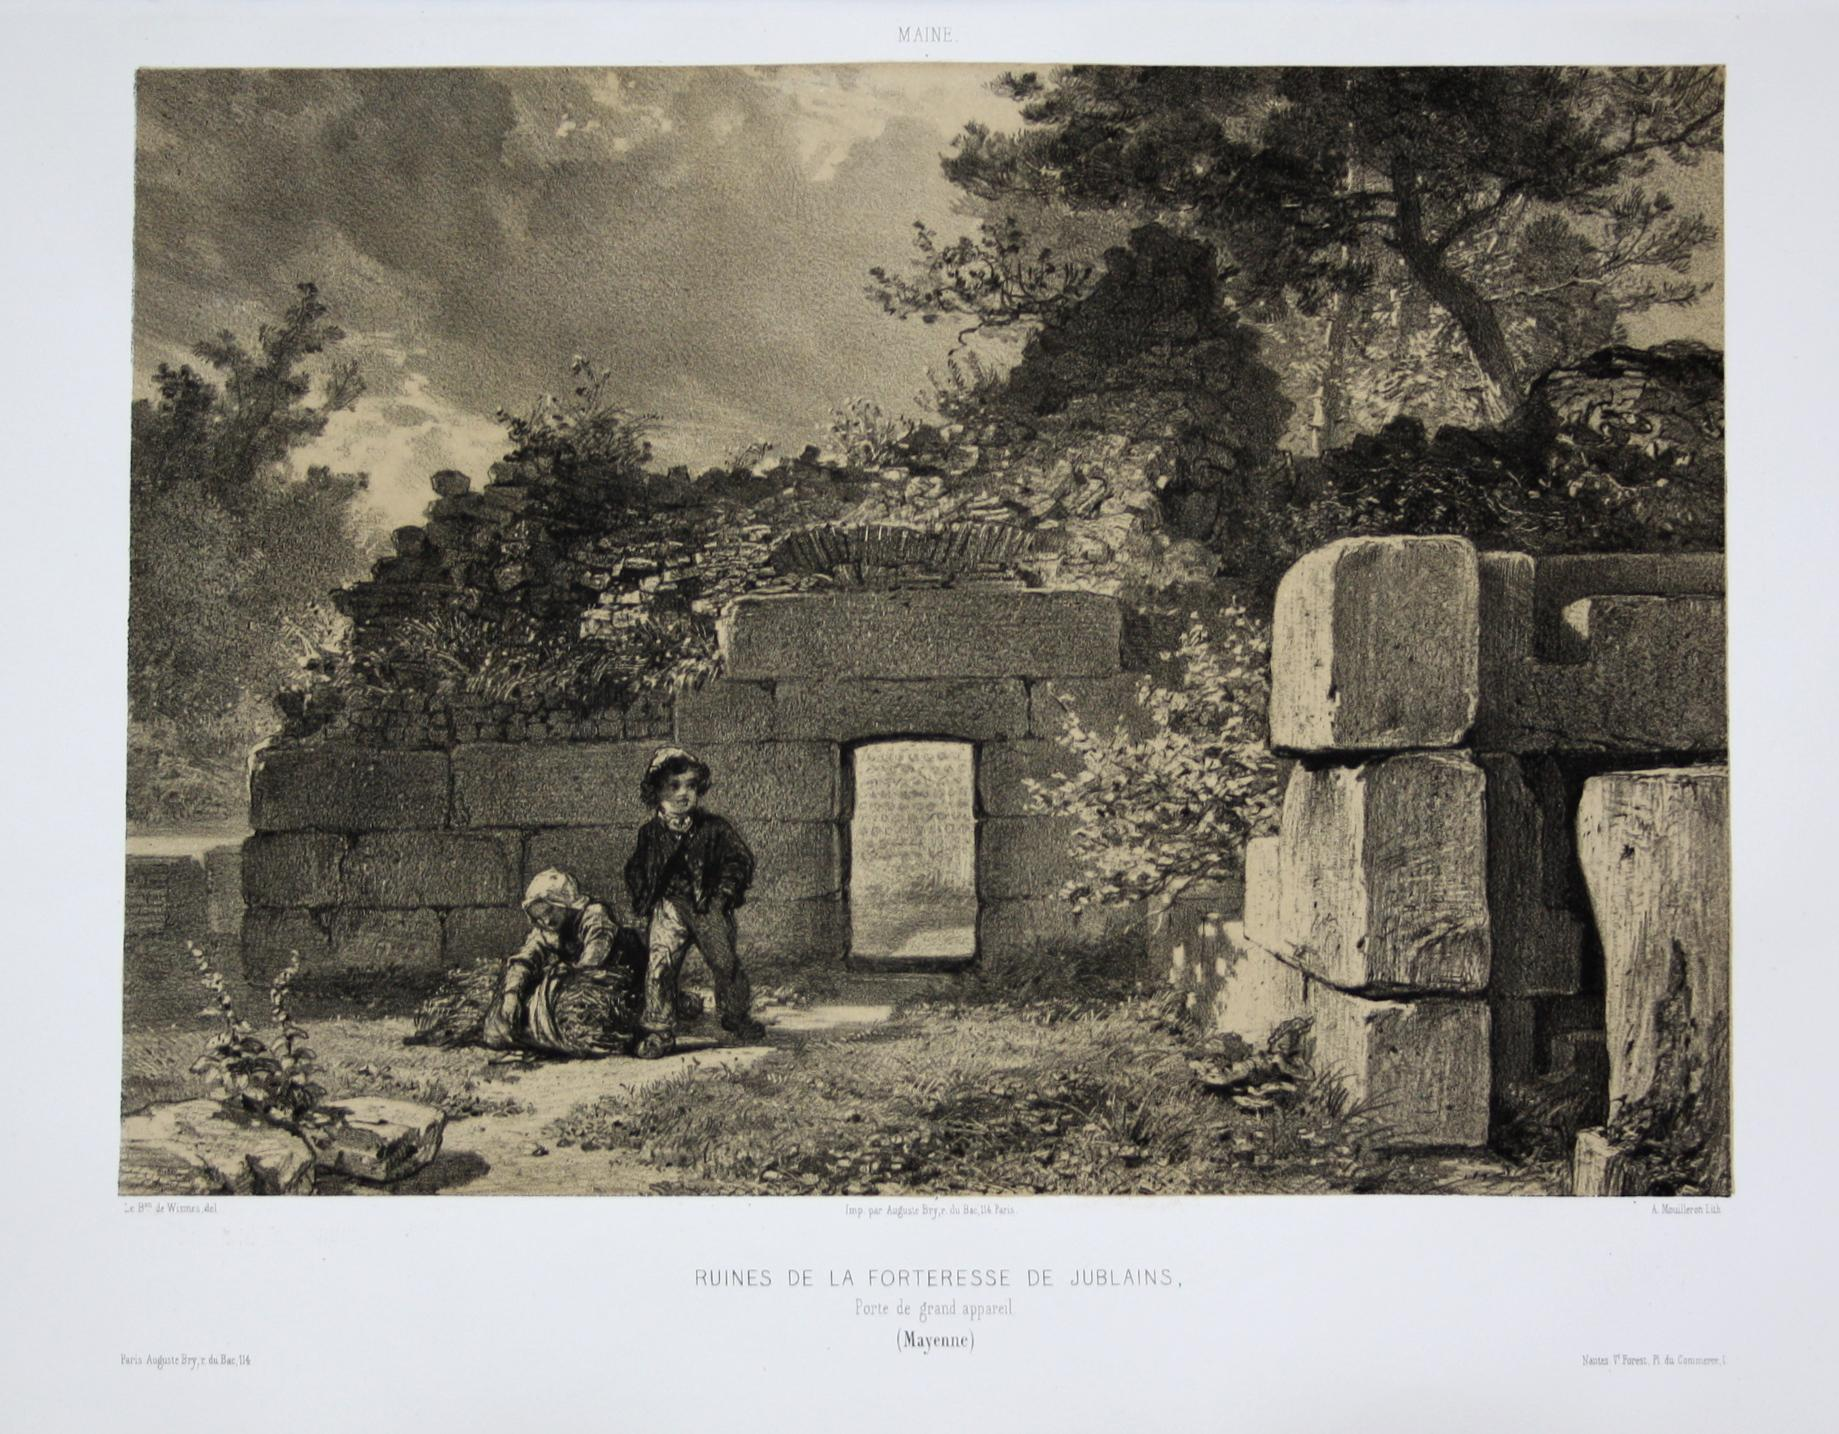 Ruines de la Forteresse de Jublains /: Wismes, Olivier de